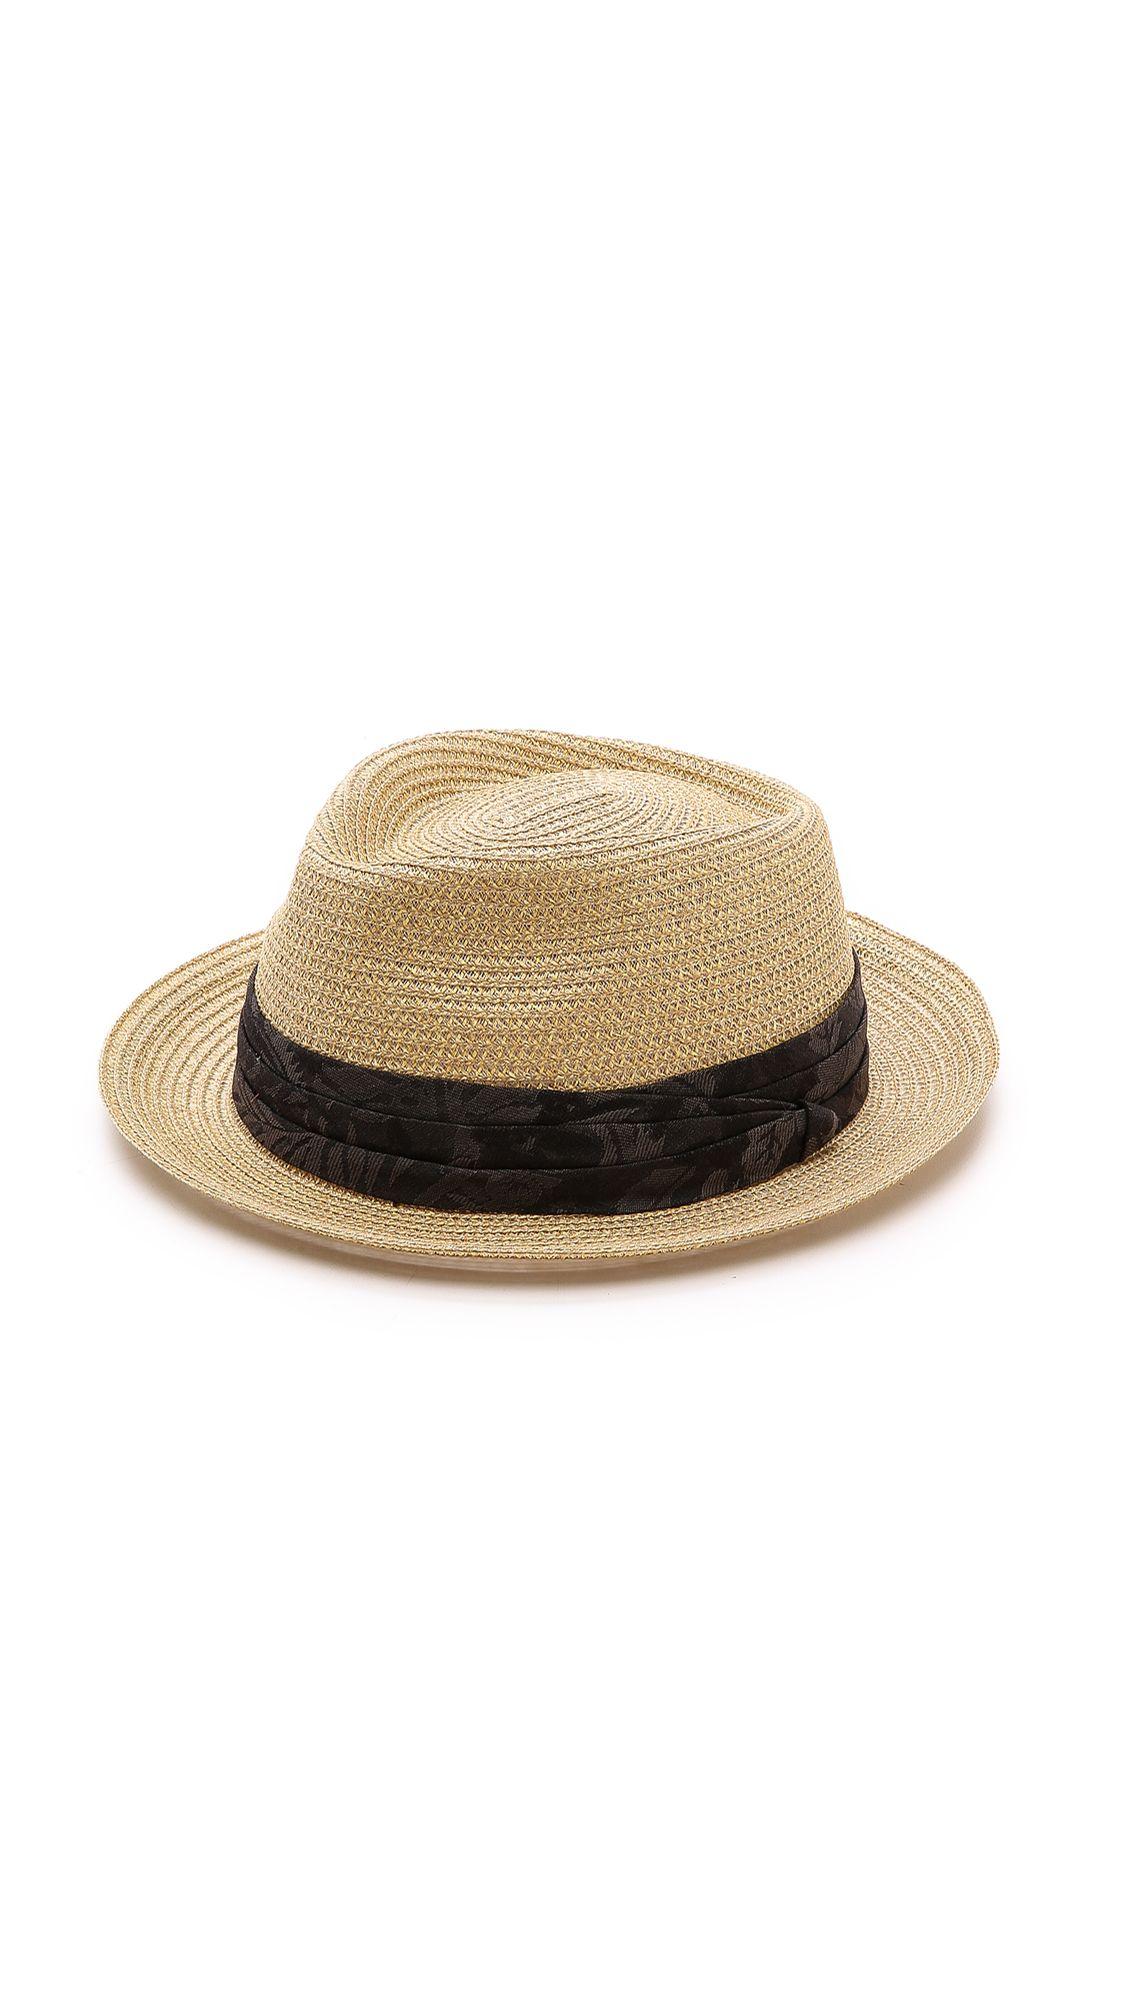 db462aaa5d3 Mr. Kim Tony Straw Hat